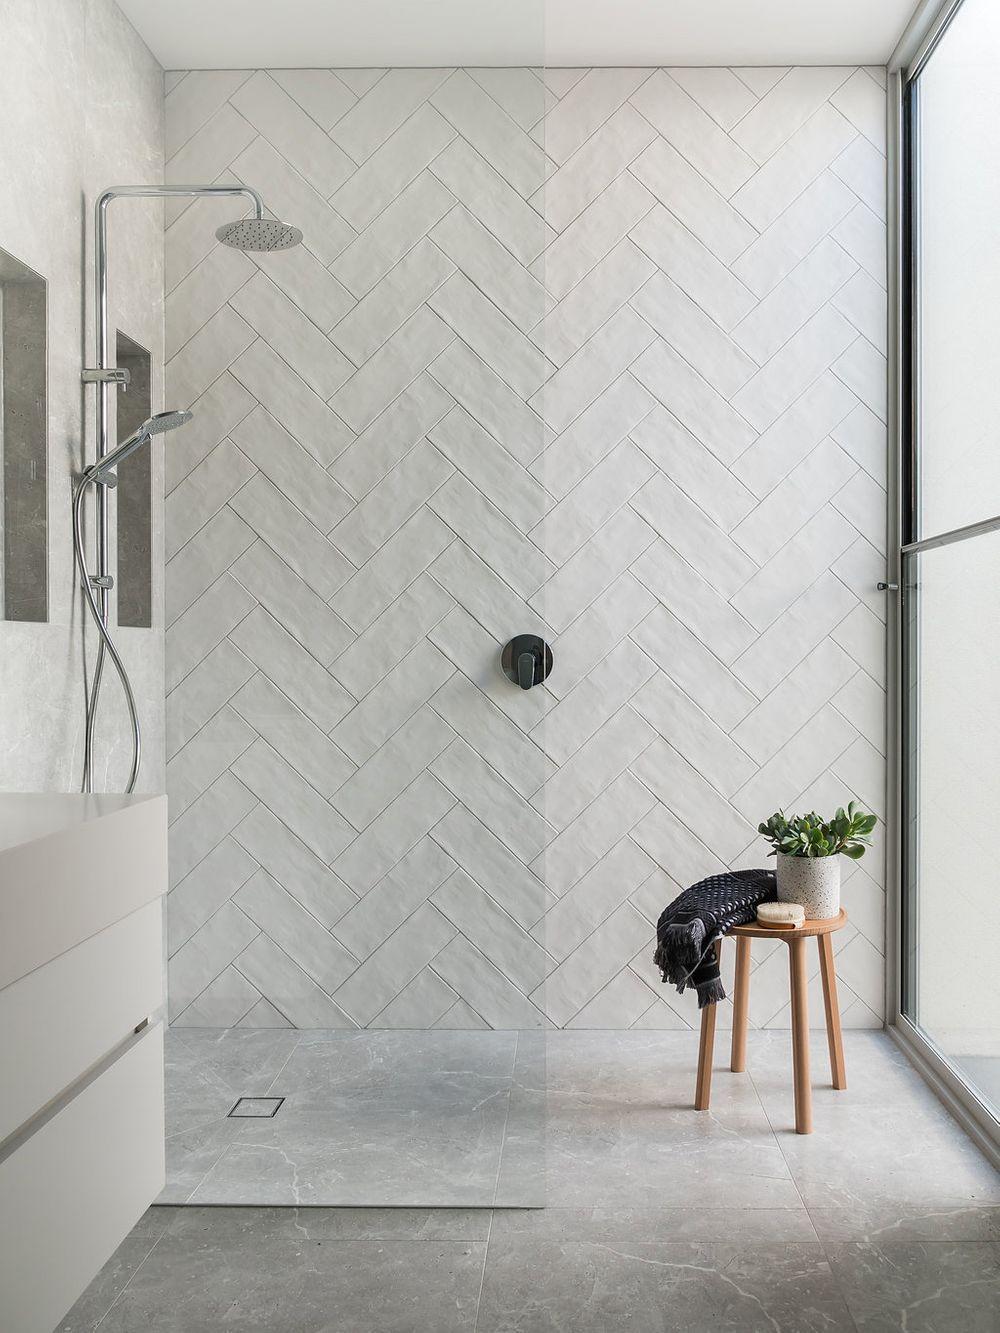 18 modern bathroom ideas